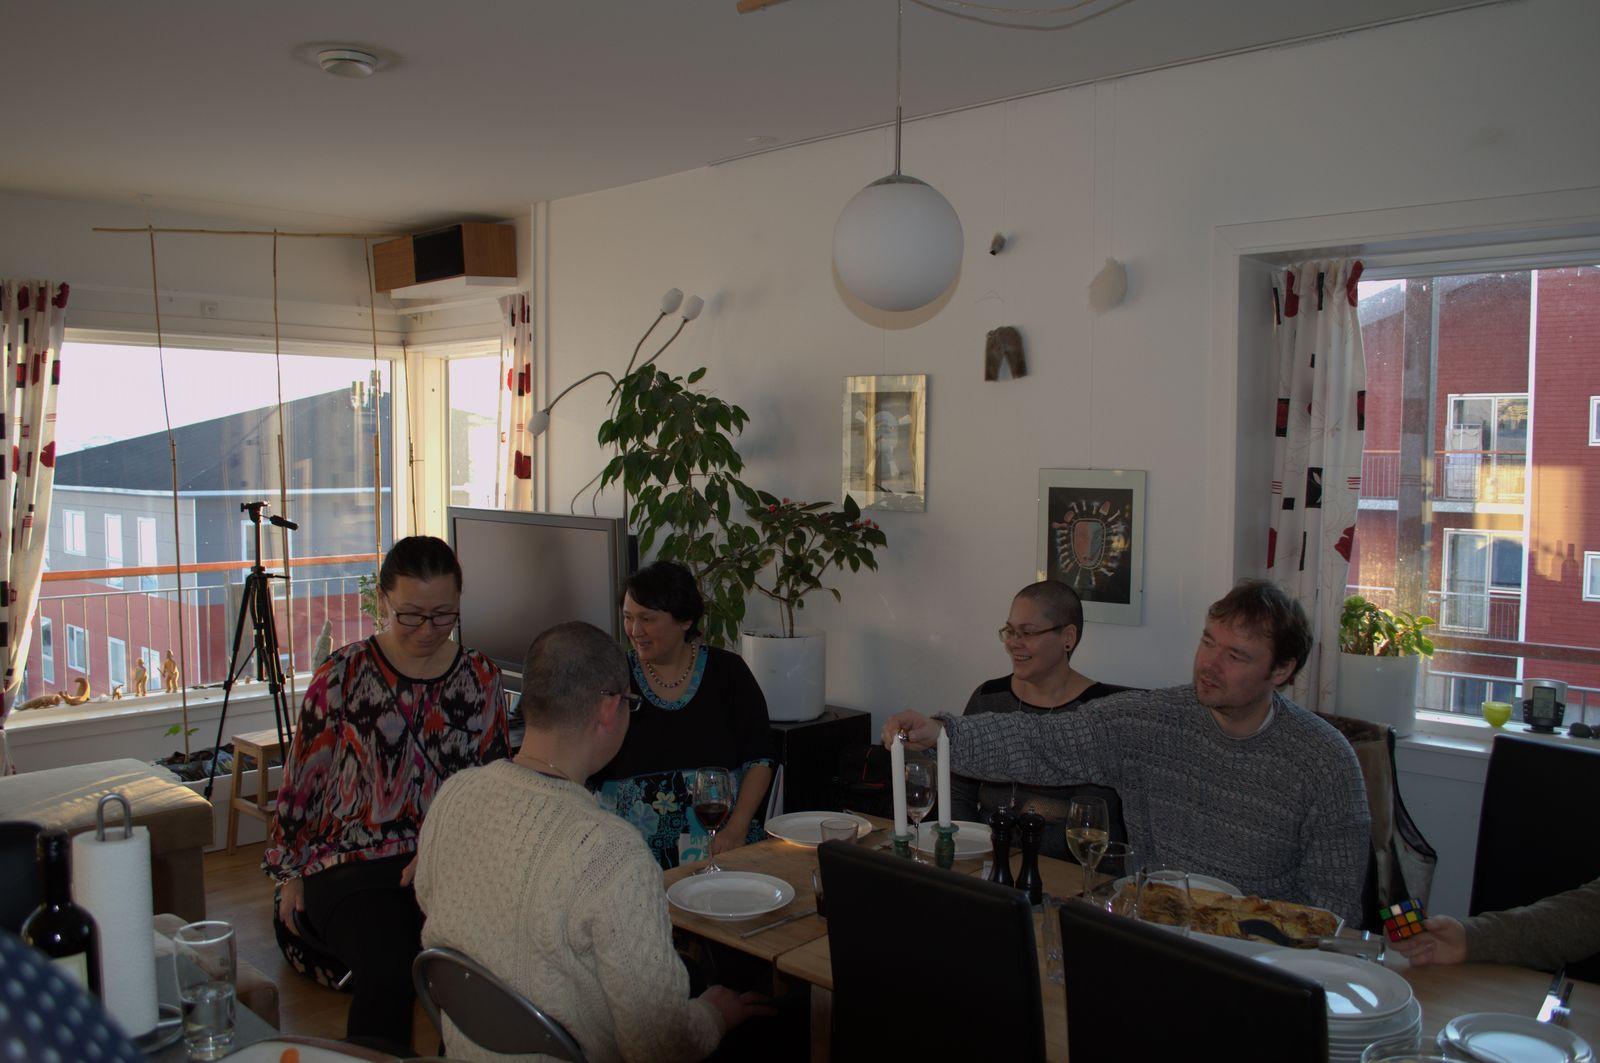 2014-04-05-1946_-_Gode_1_Maren-Mikkelsen-Lennert_Morten-Peter-Skipper-Jensen_Nuka-Klausen-Telling_Palle-Hjort-San